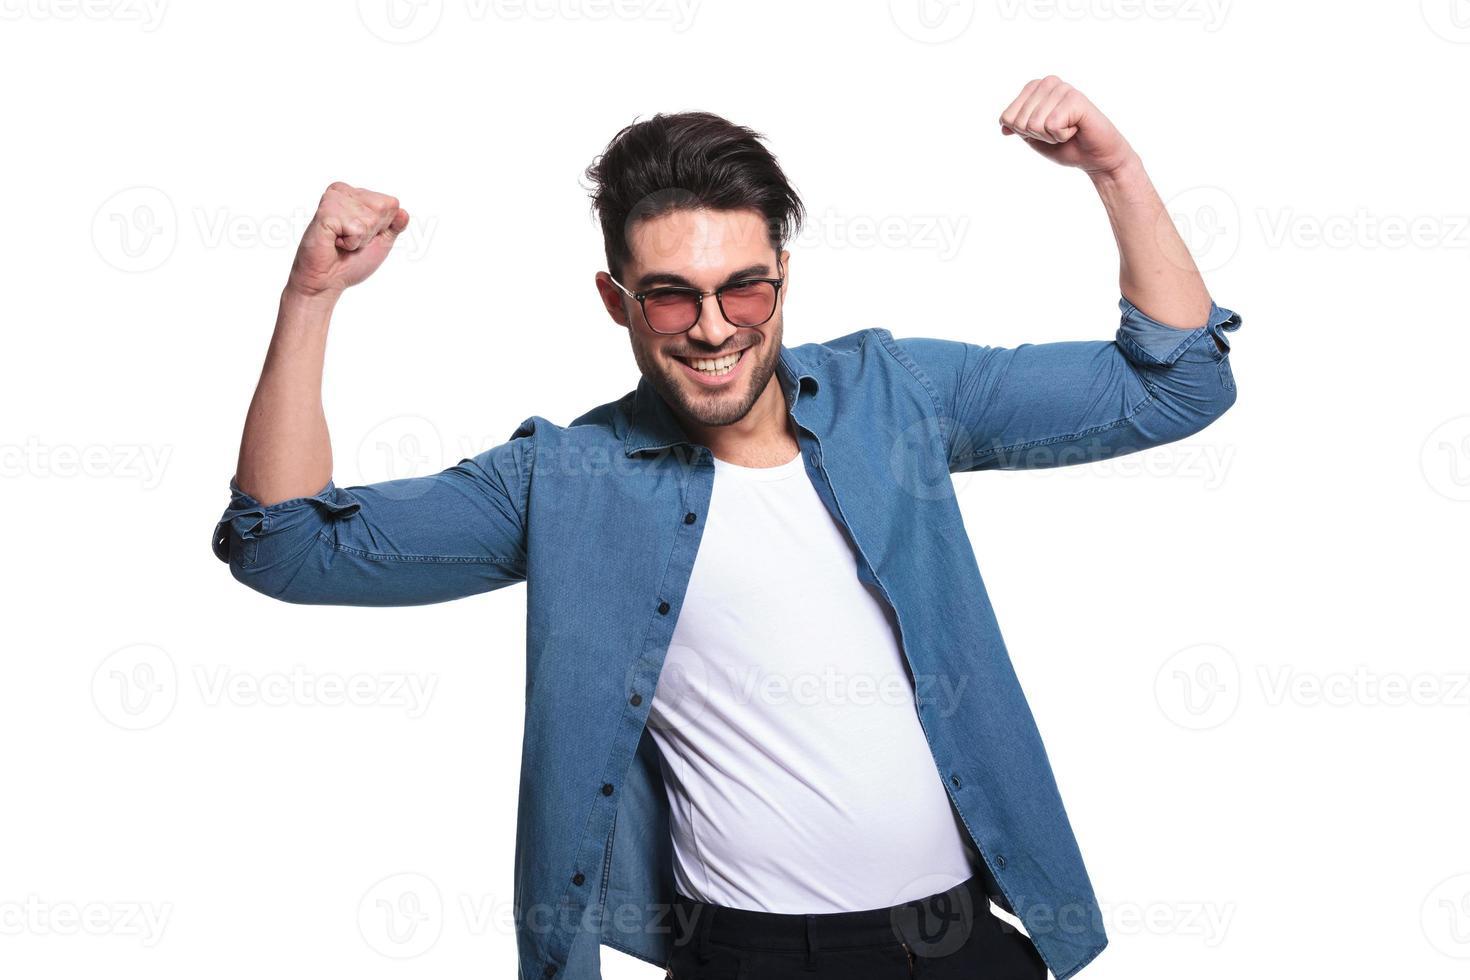 giovane uomo casual che celebra un successo foto